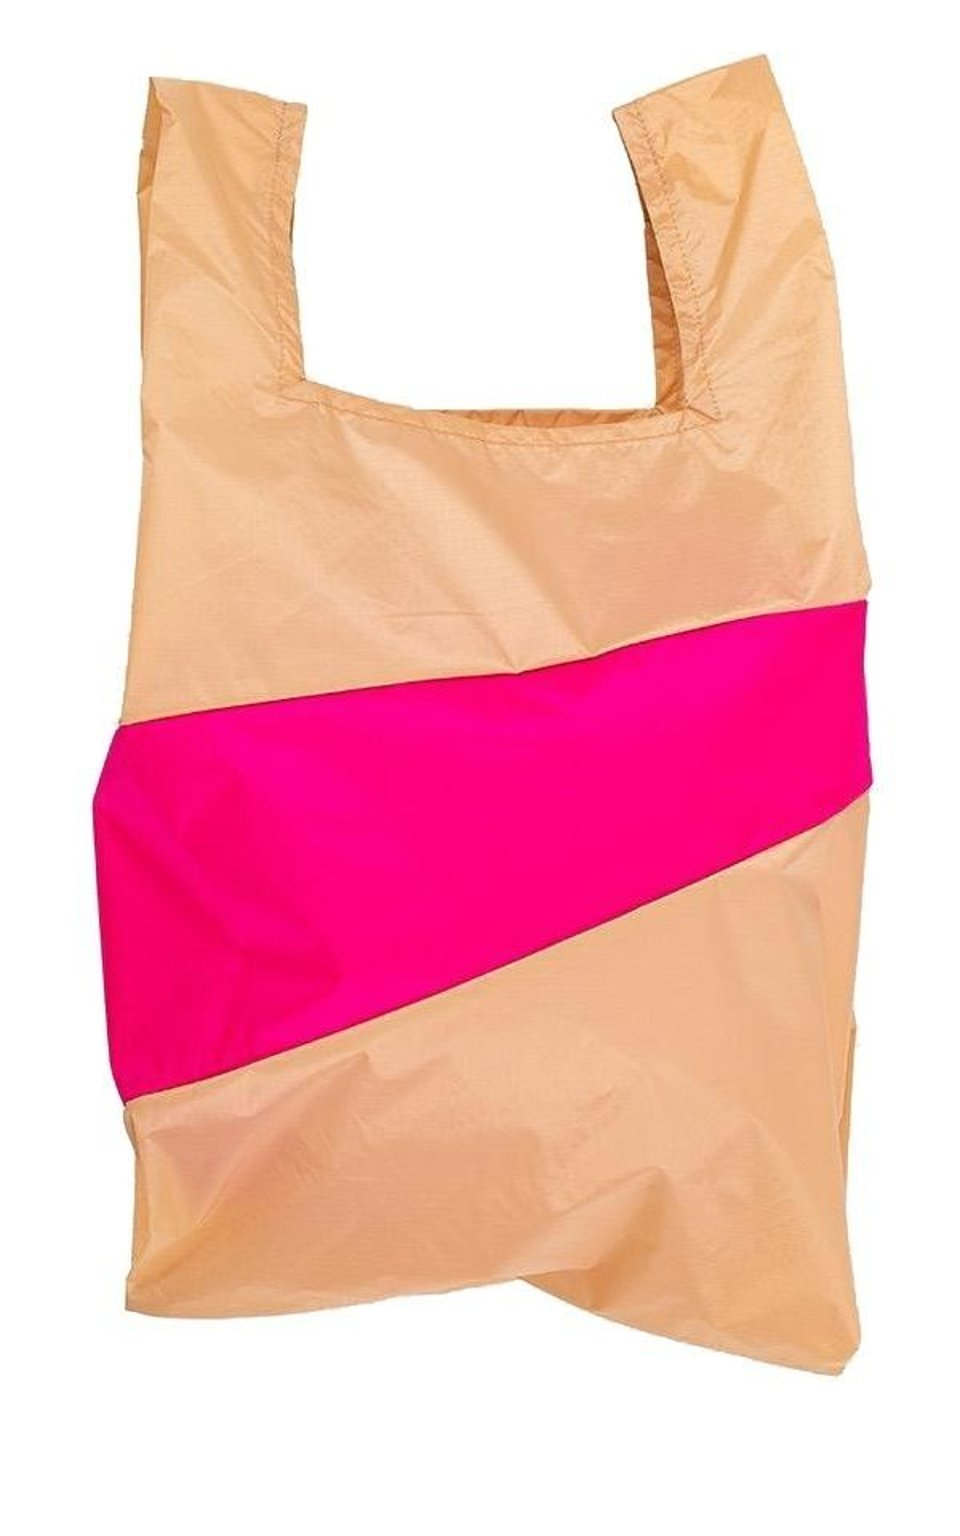 Shopping Bag #4